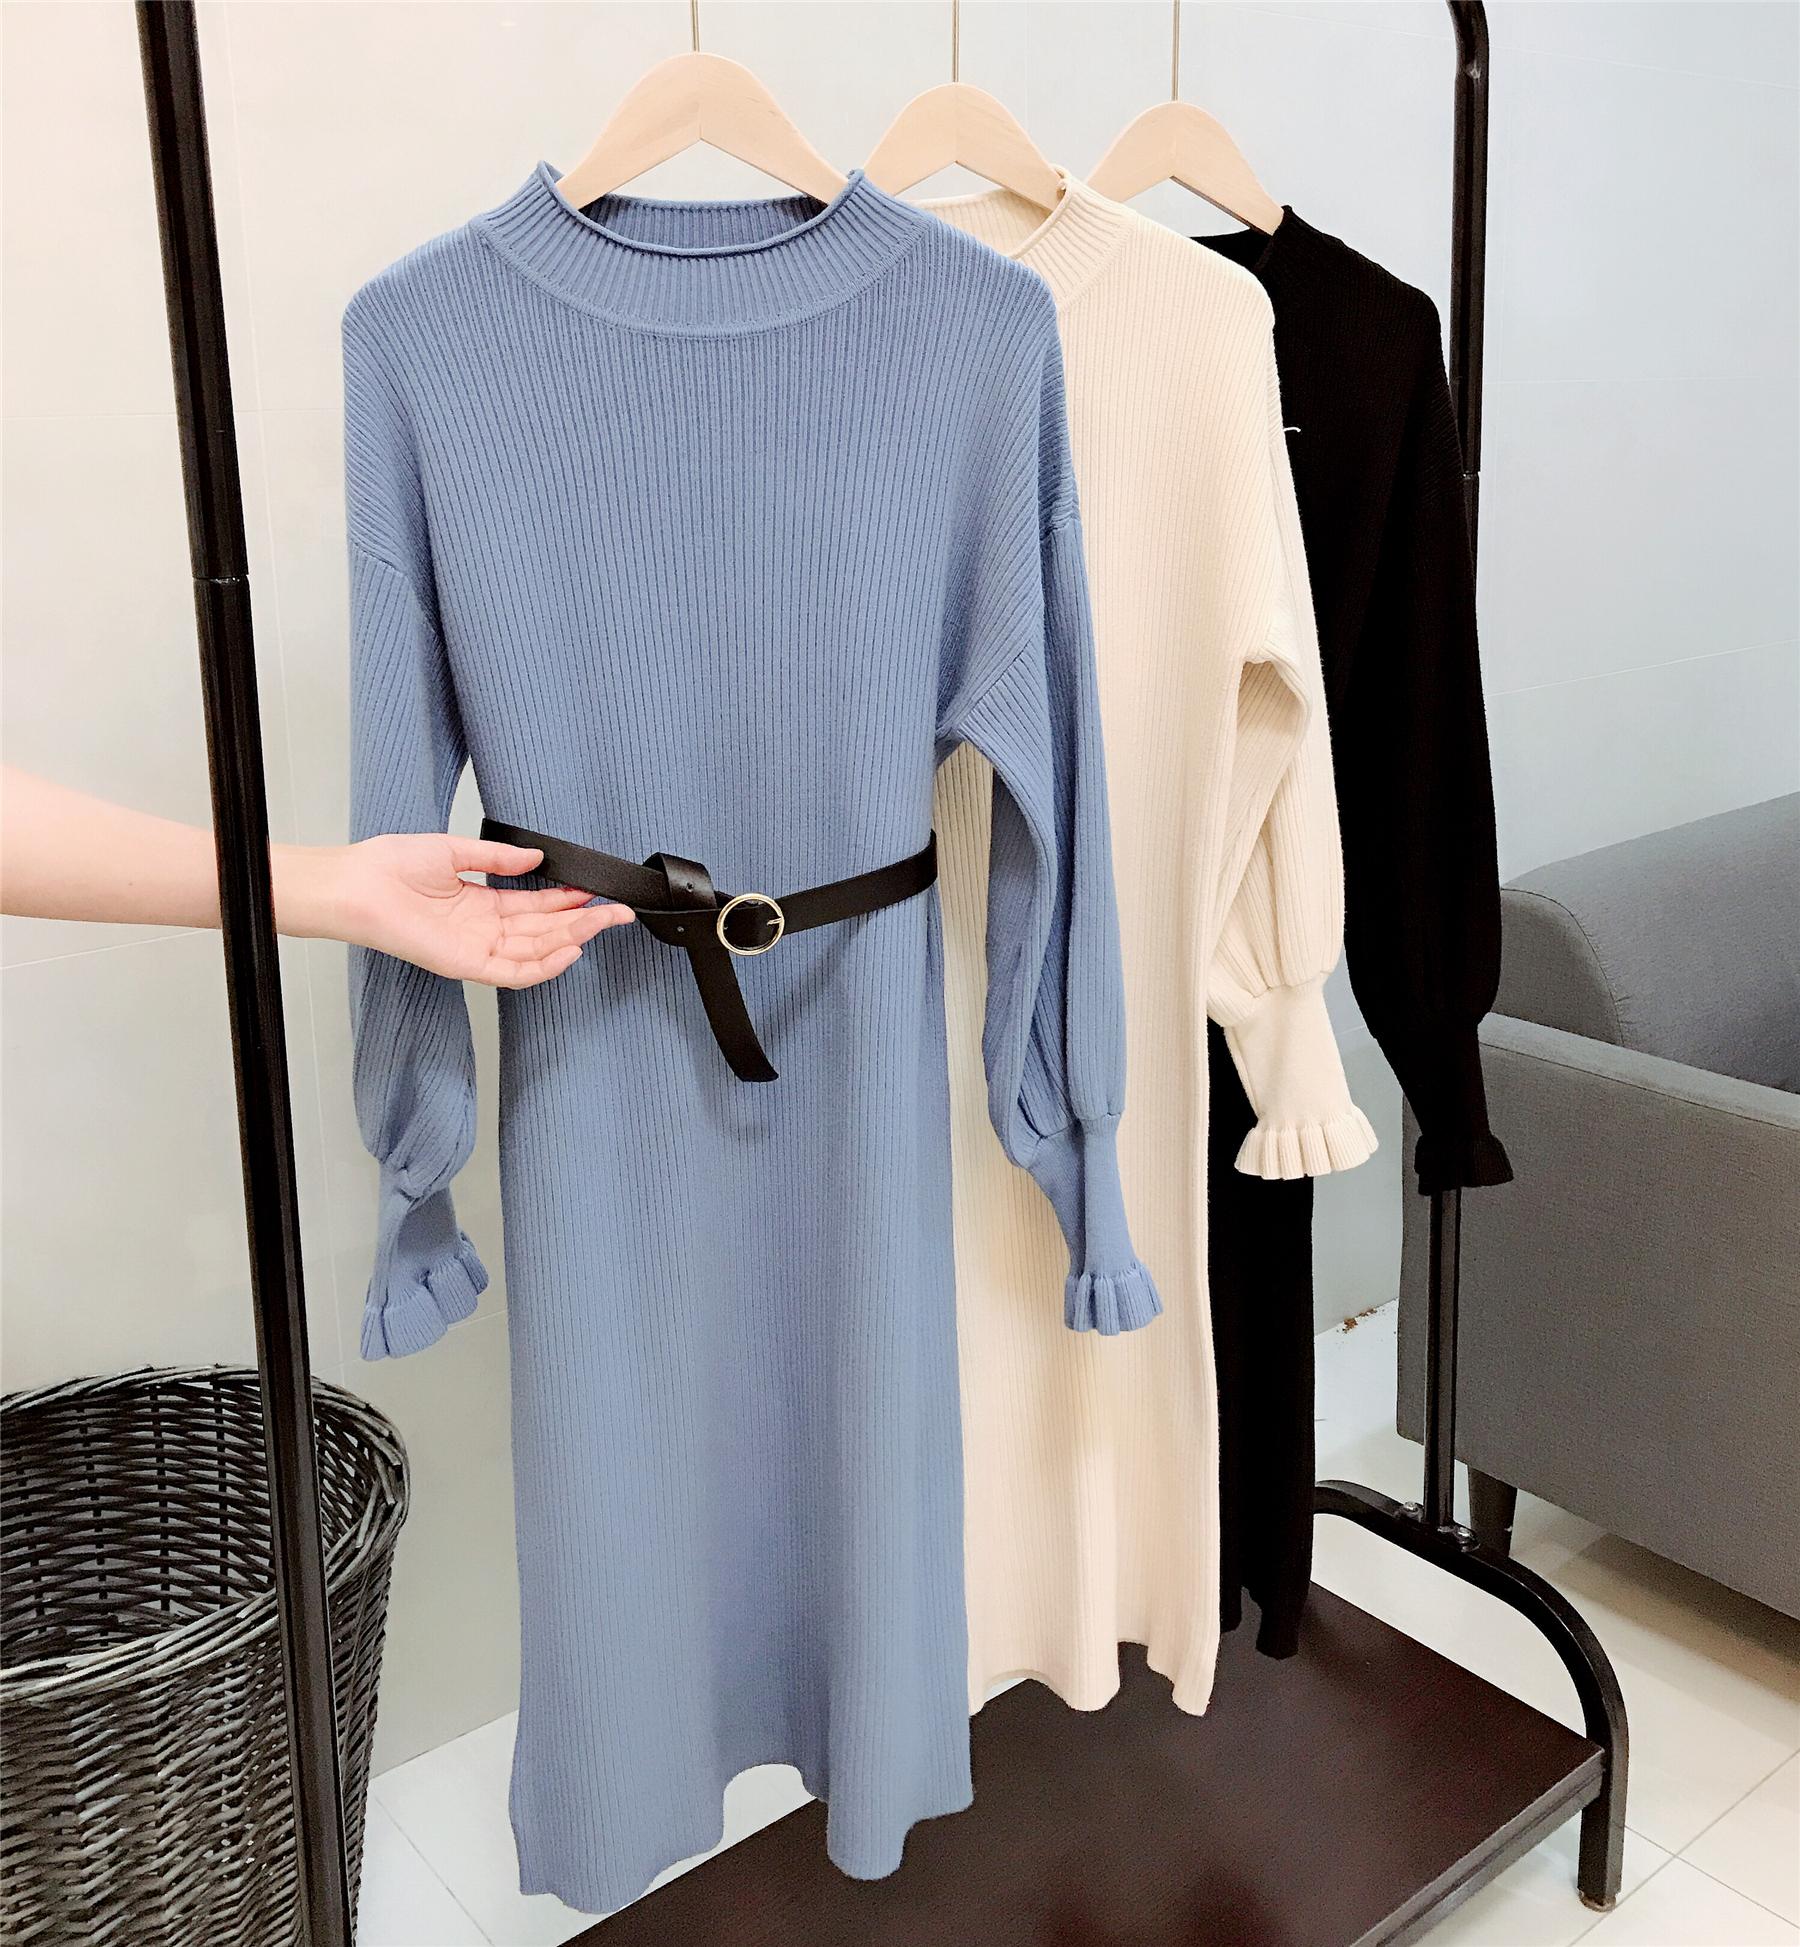 【限量200件99元,配腰带】专柜款 法式气质秋冬半高领长款毛衣裙